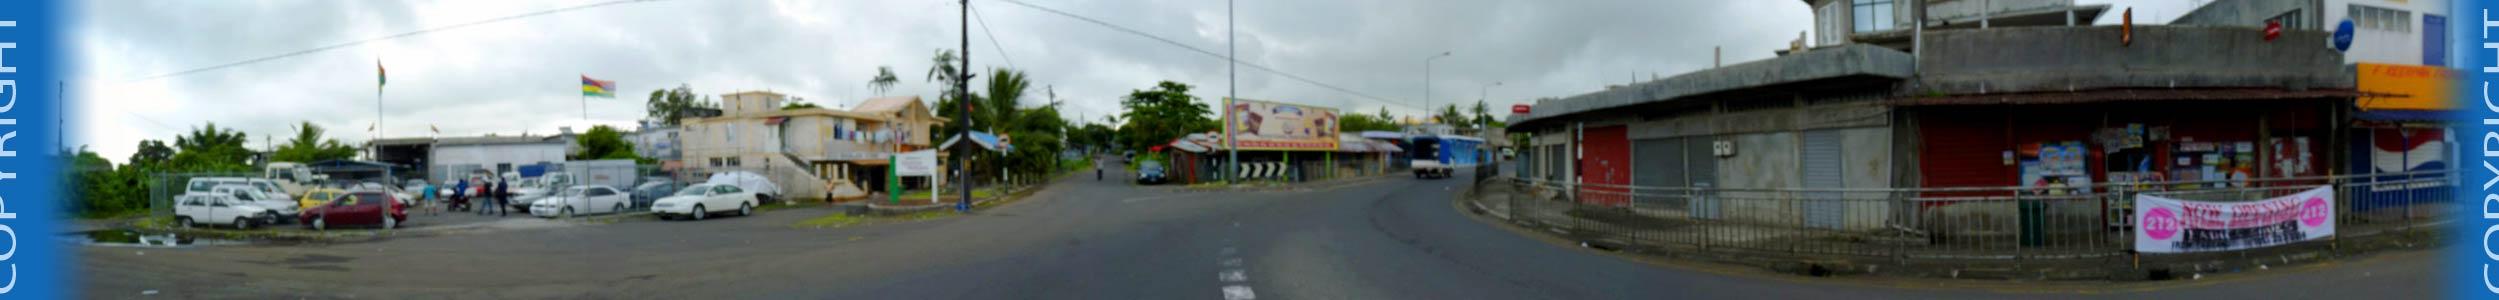 Quartier Militaire